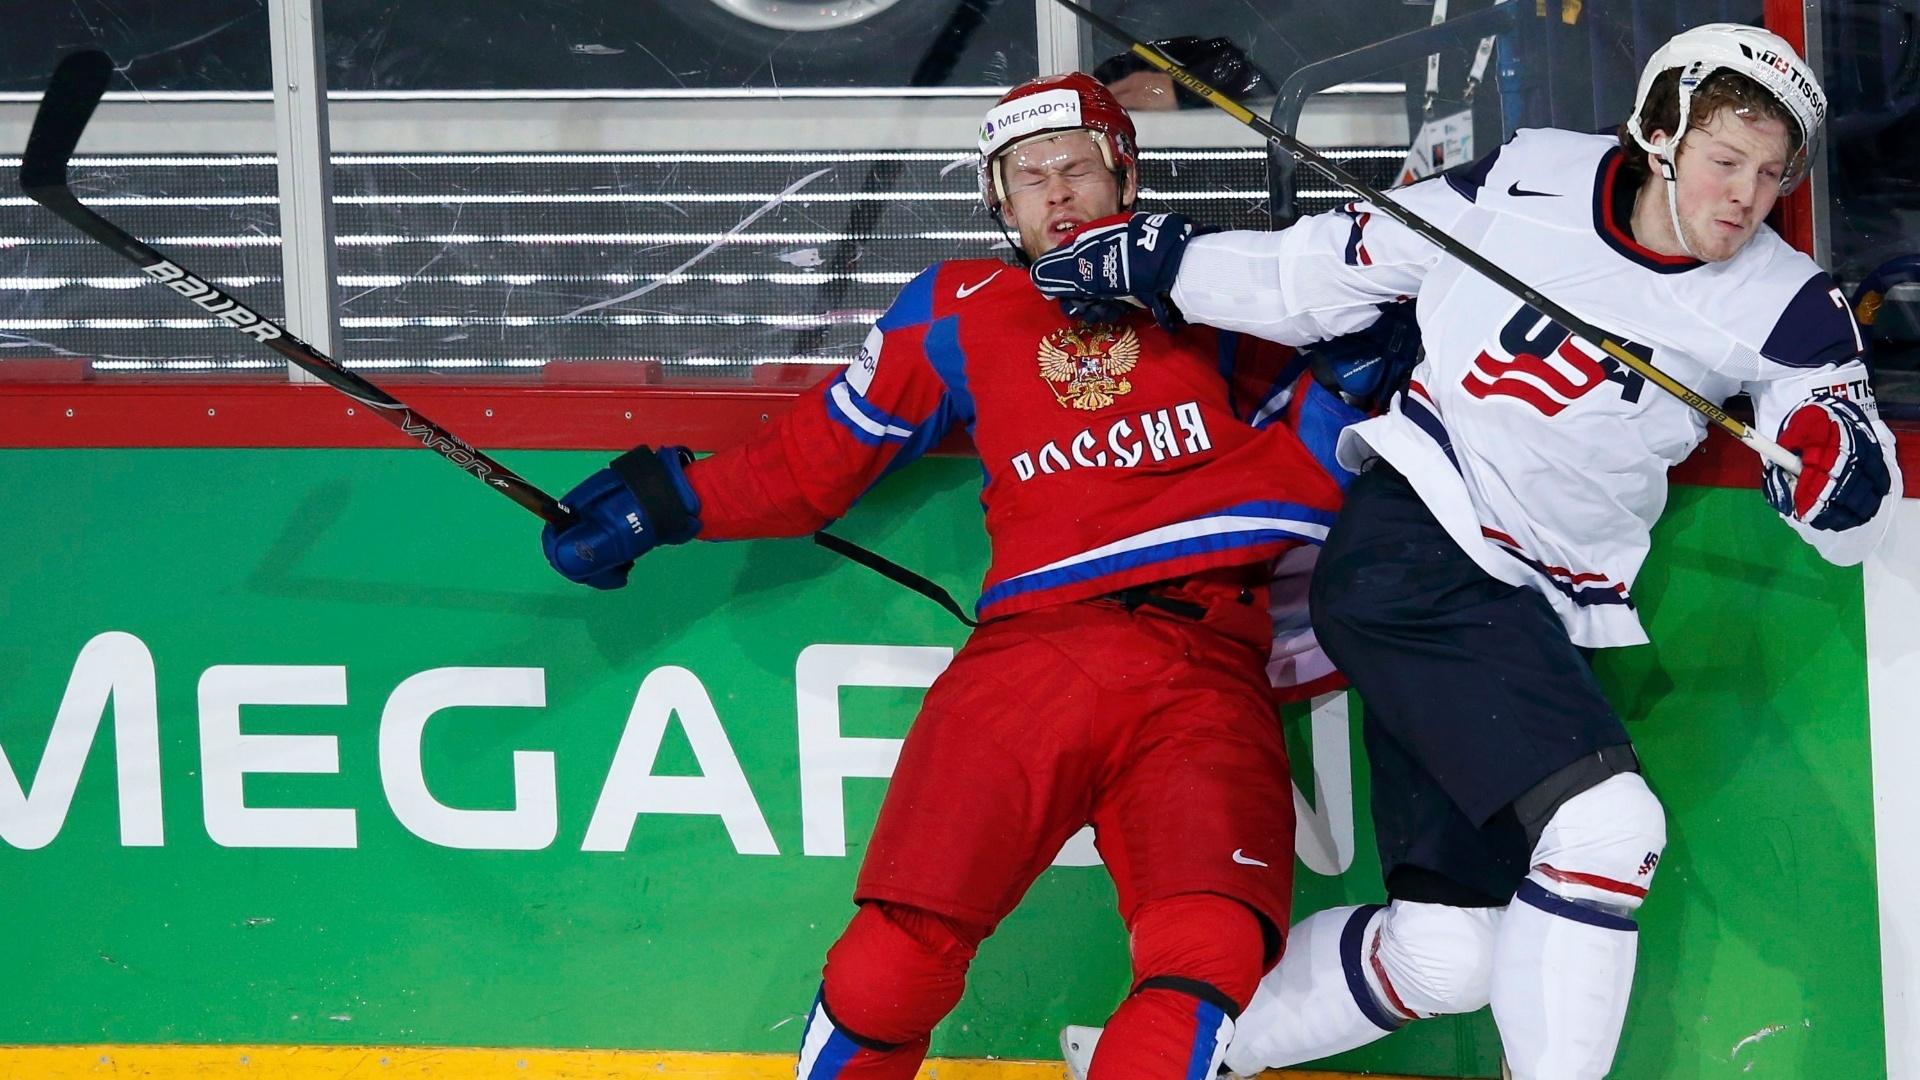 07.mai.2013 - Denis Kokarev (esq), da Rússia, se enrosca com Danny Kristo, dos Estados Unidos, durante partida pelo Mundial de hóquei no gelo